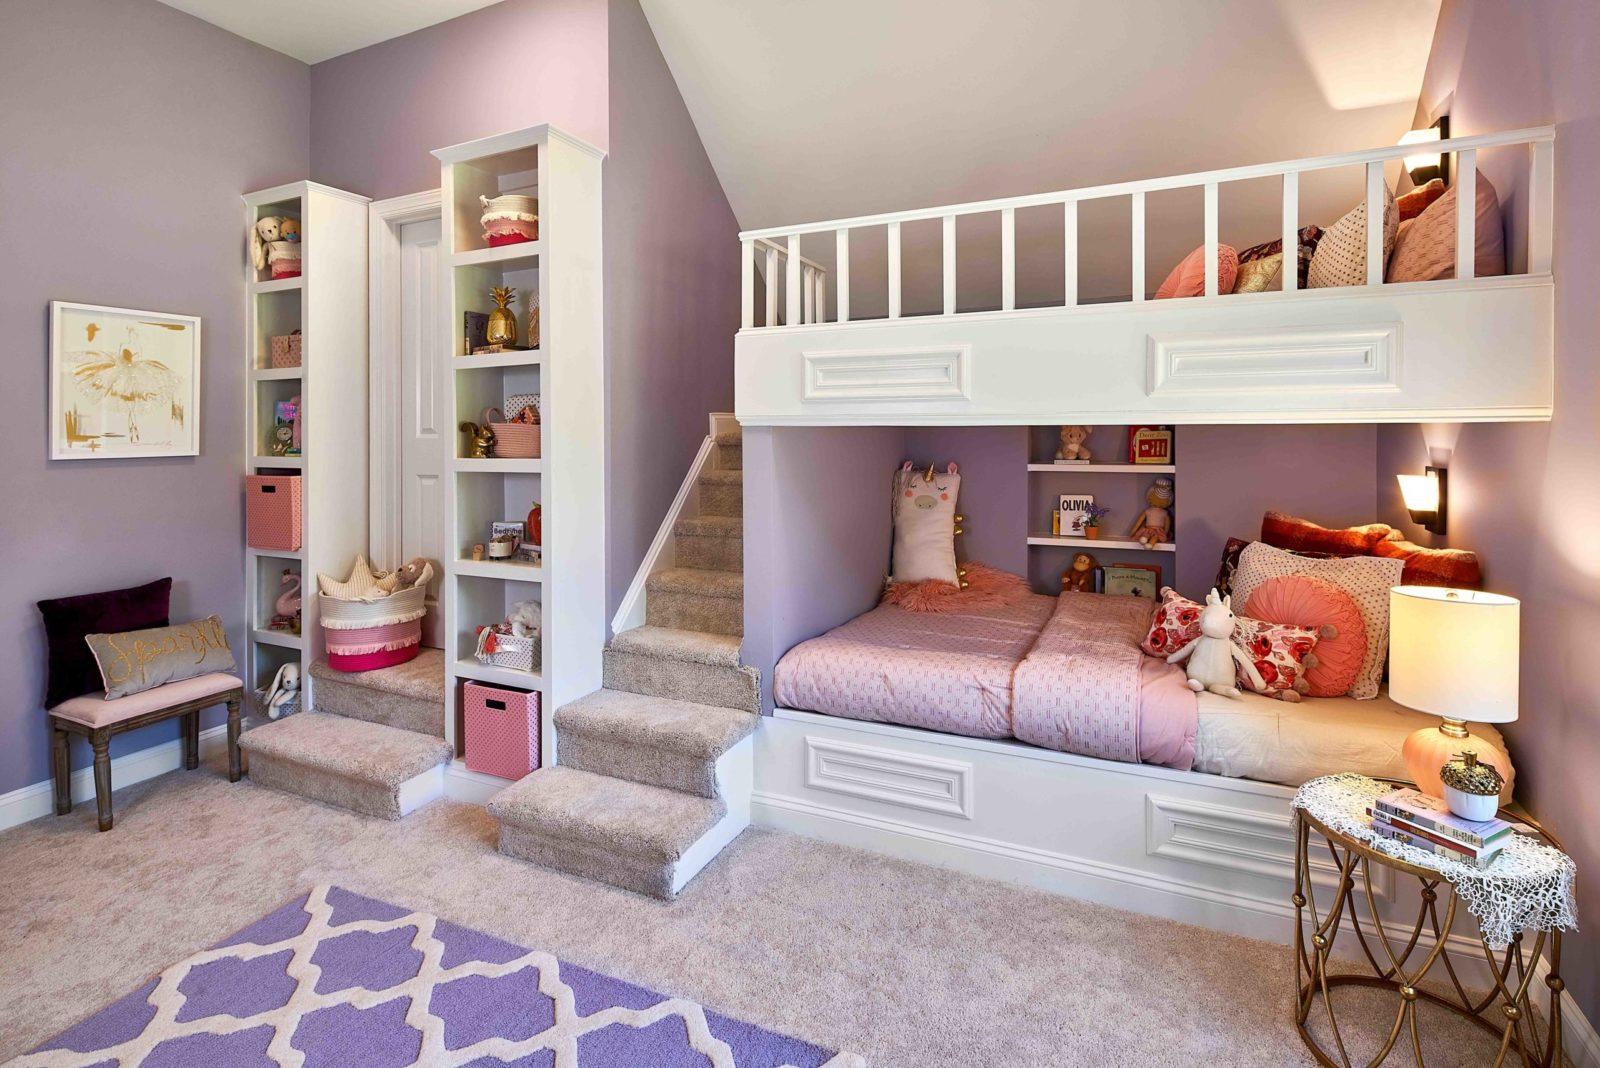 revision-design-bunk-bedroom-conversion